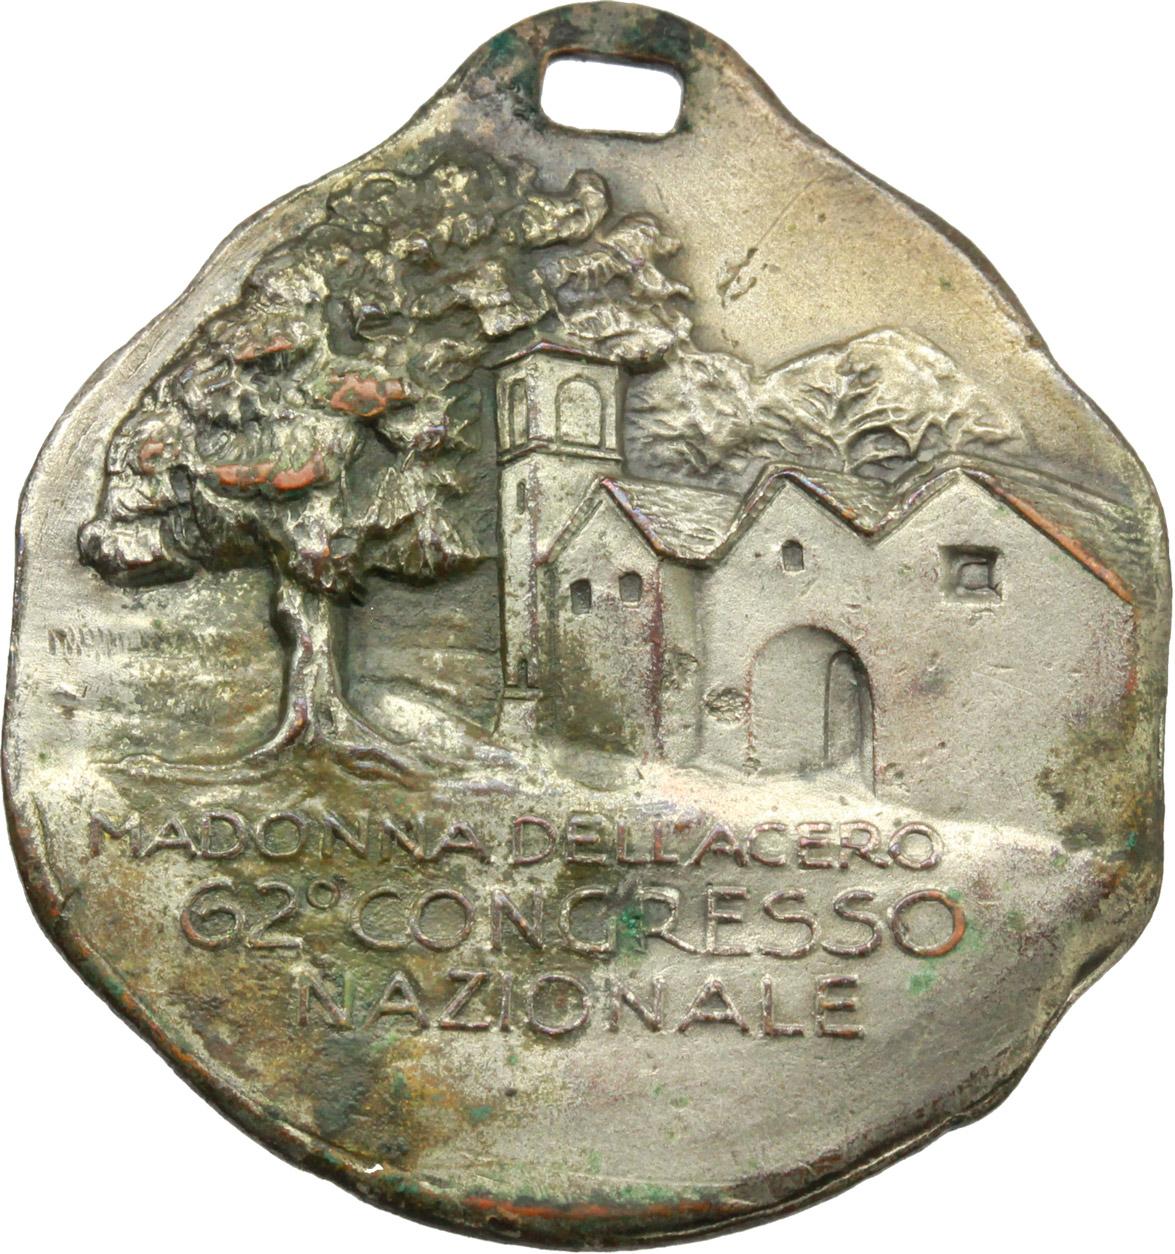 R/ Alpini. Medaglia Club Alpino Italiano. 75° anniversario (1875-1950) Sezione di Bologna. 62° Congresso Nazionale, Madonna dell'acero.     AE argentato e smalti.   mm. 31.00    qSPL/BB+.